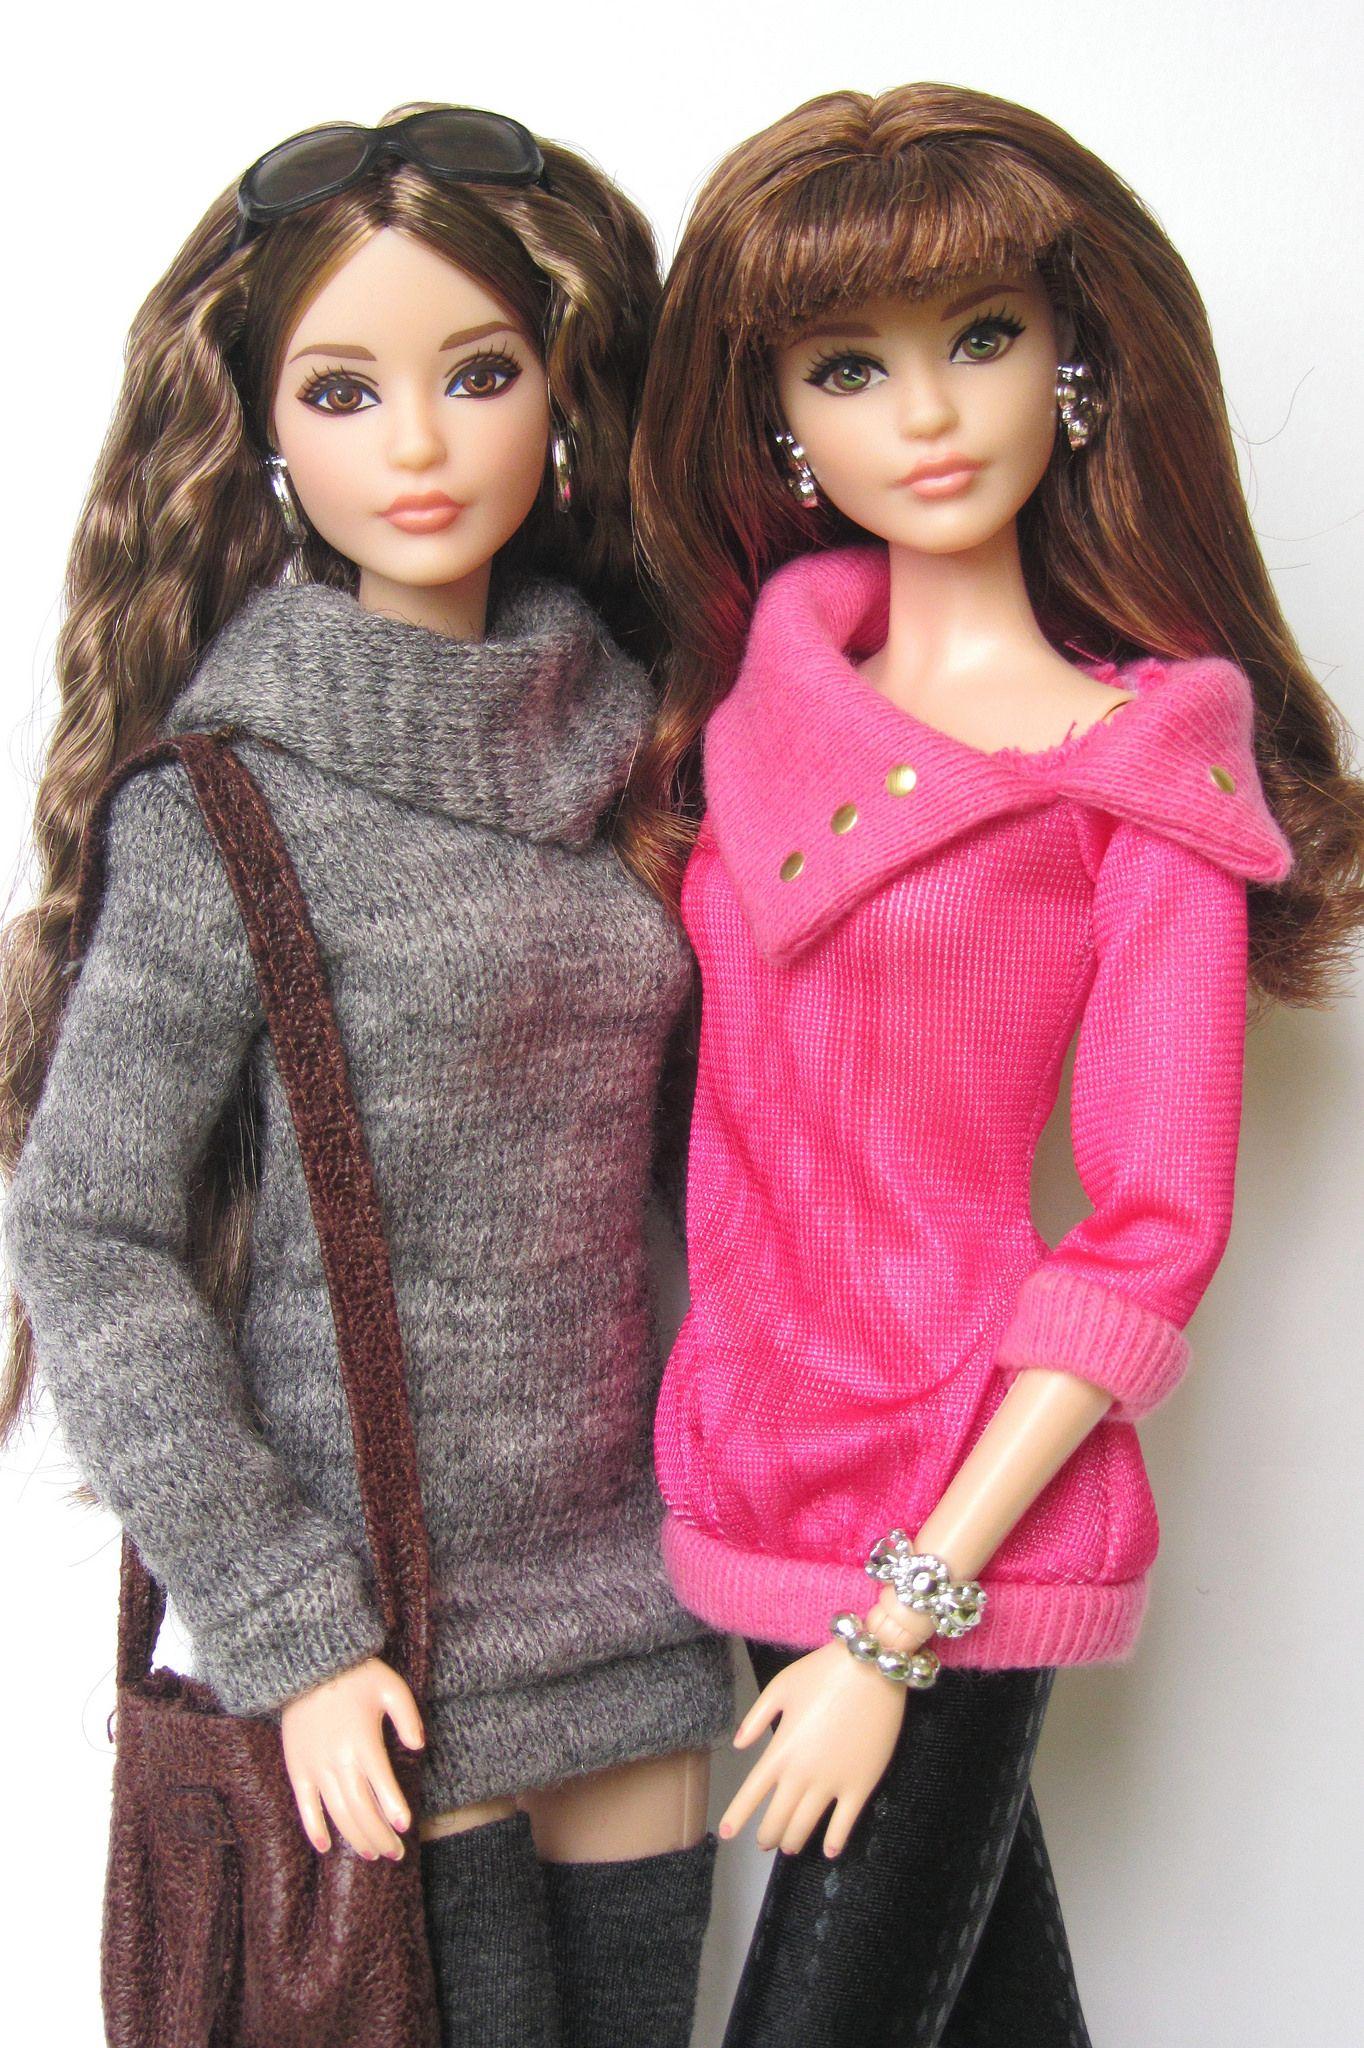 Sisters | Pinterest | Barbie, Muñecas y Muñecas de articulación esférica